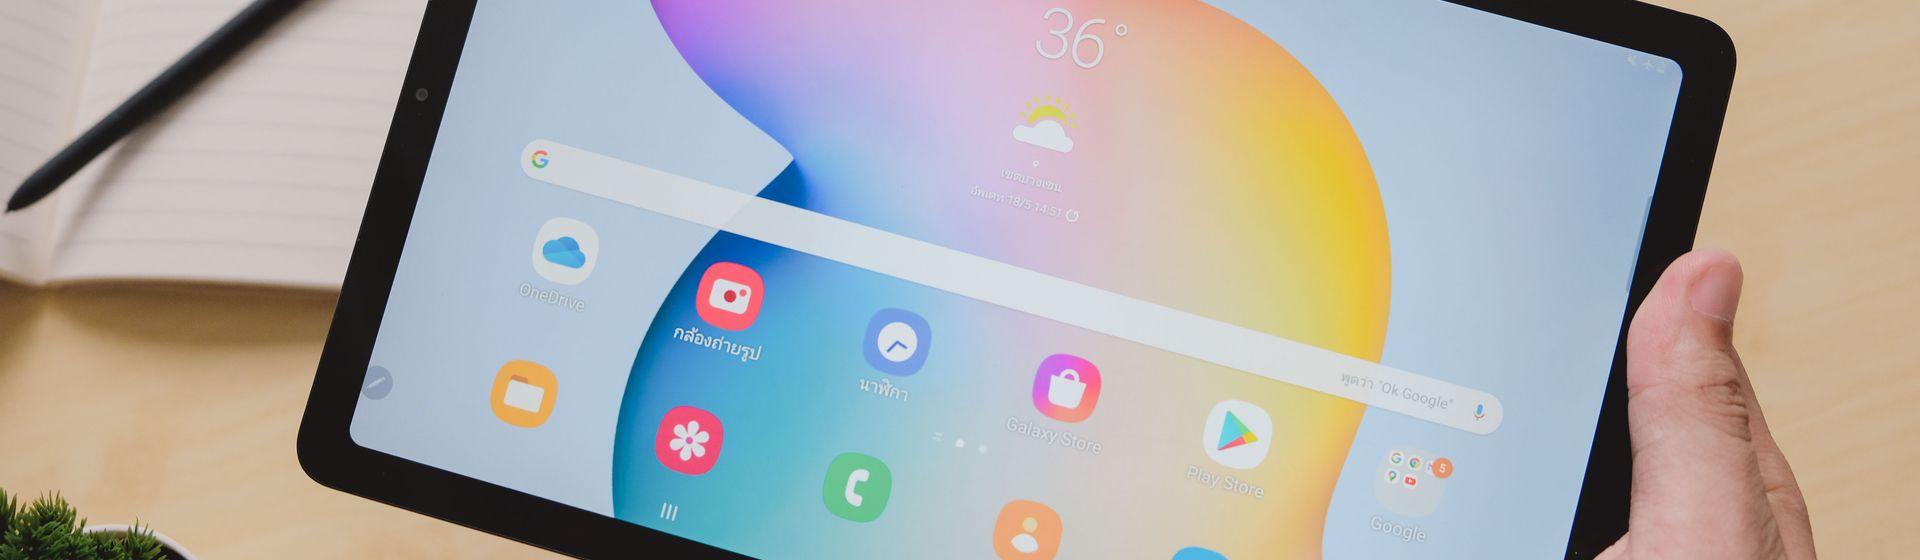 Melhor tablet Samsung em 2020: 6 opções para comprar no Brasil